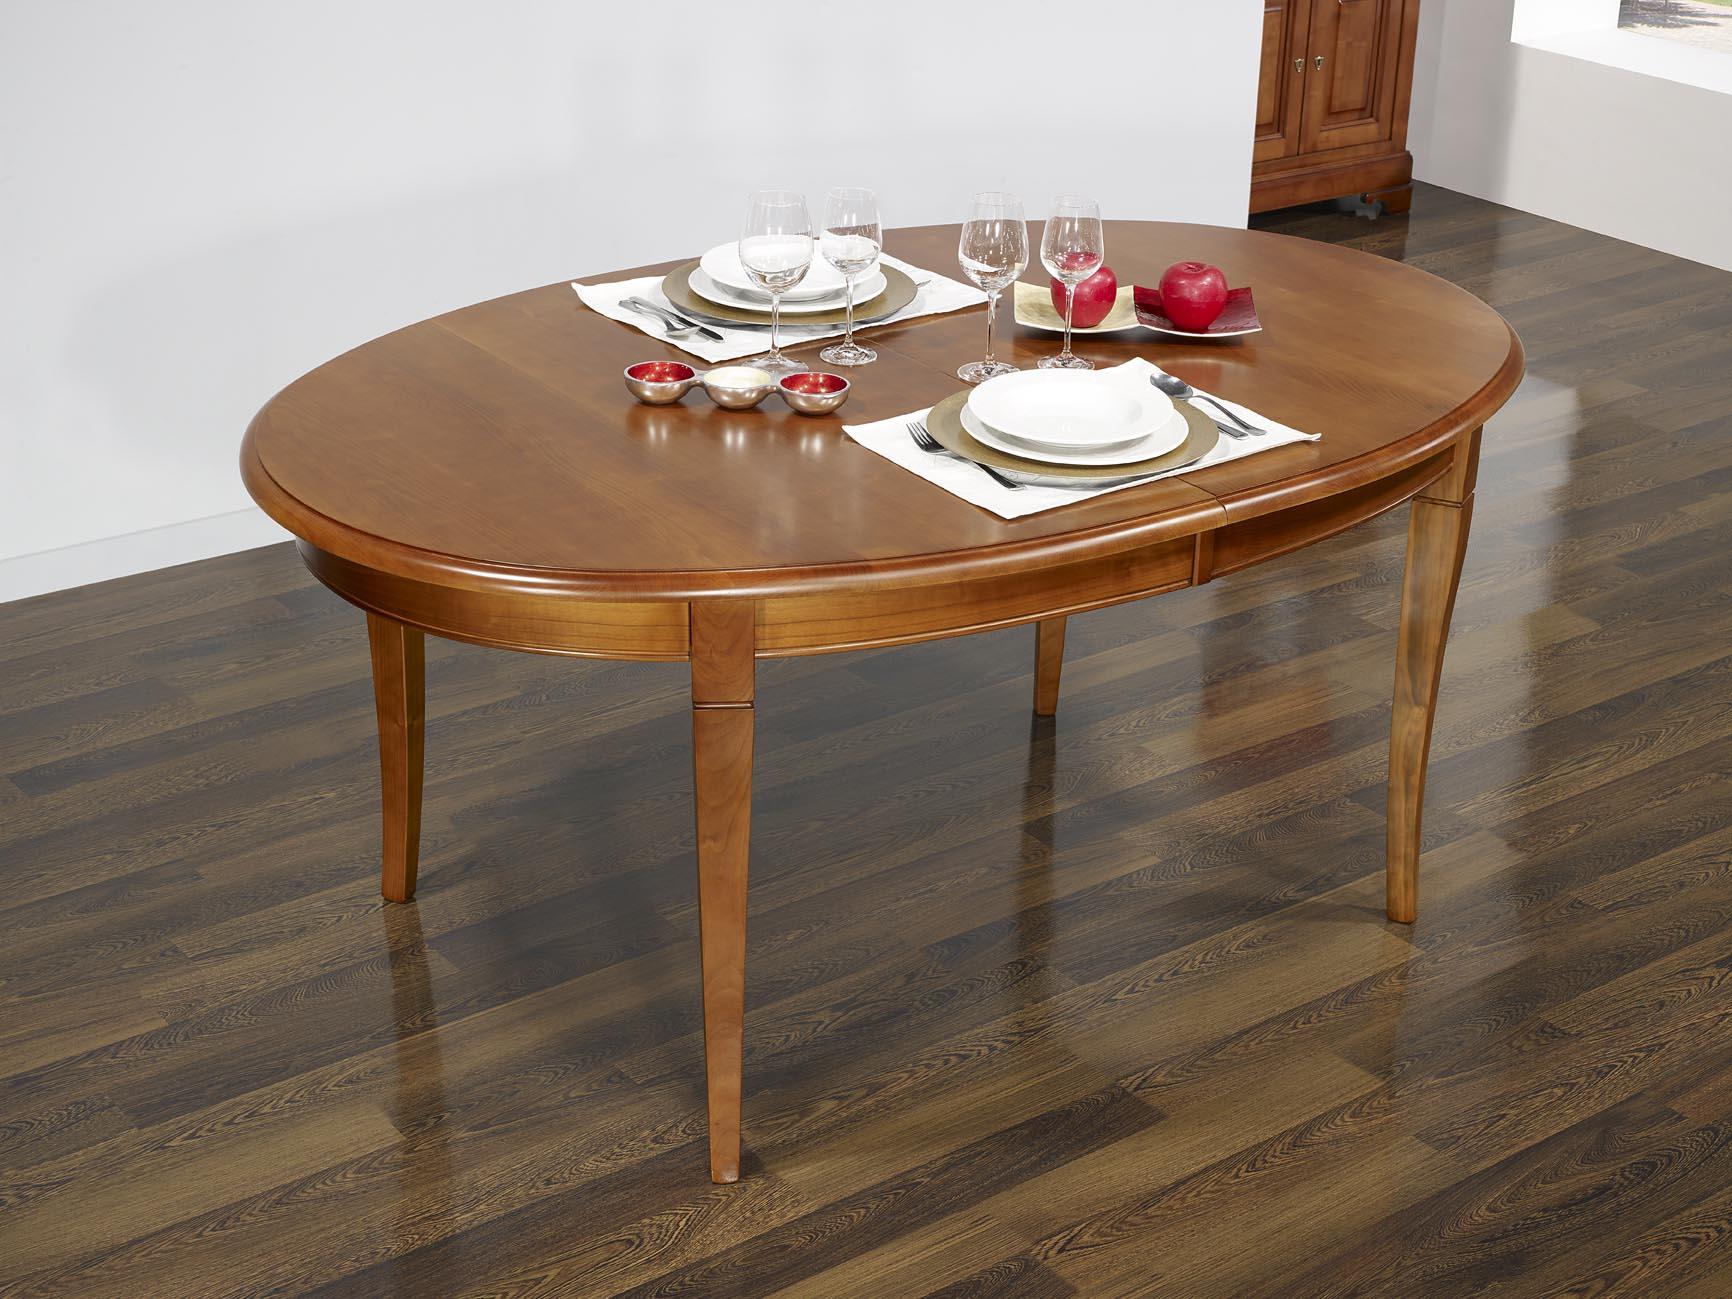 Pm136 mesa de comedor ovalada merche hecha en madera for Mesa comedor cerezo